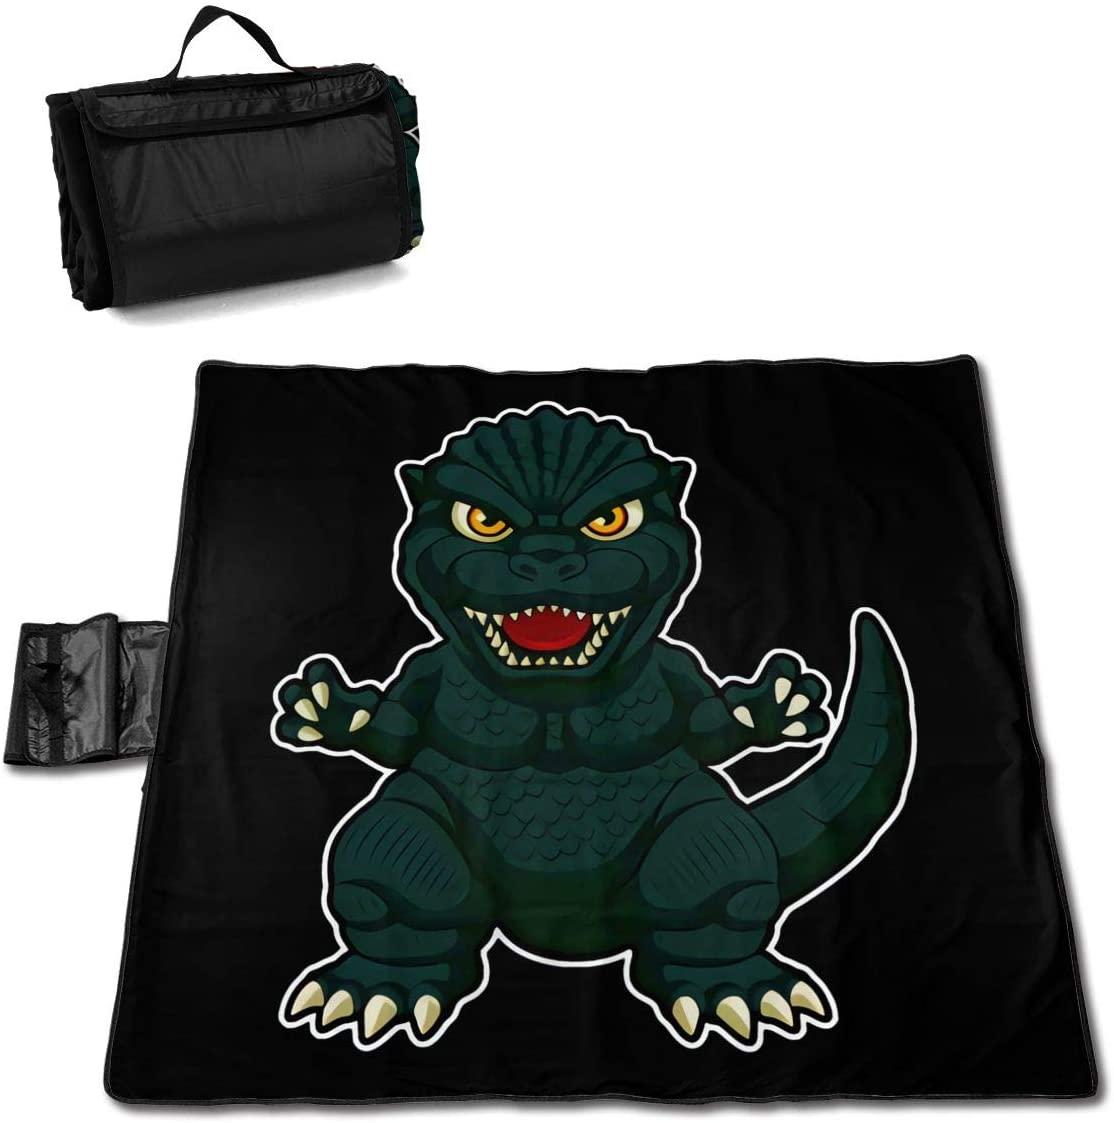 Kelo Cute Cartoon Little Dinosaur Portable Printed Picnic Blanket Waterproof 59x57(in)